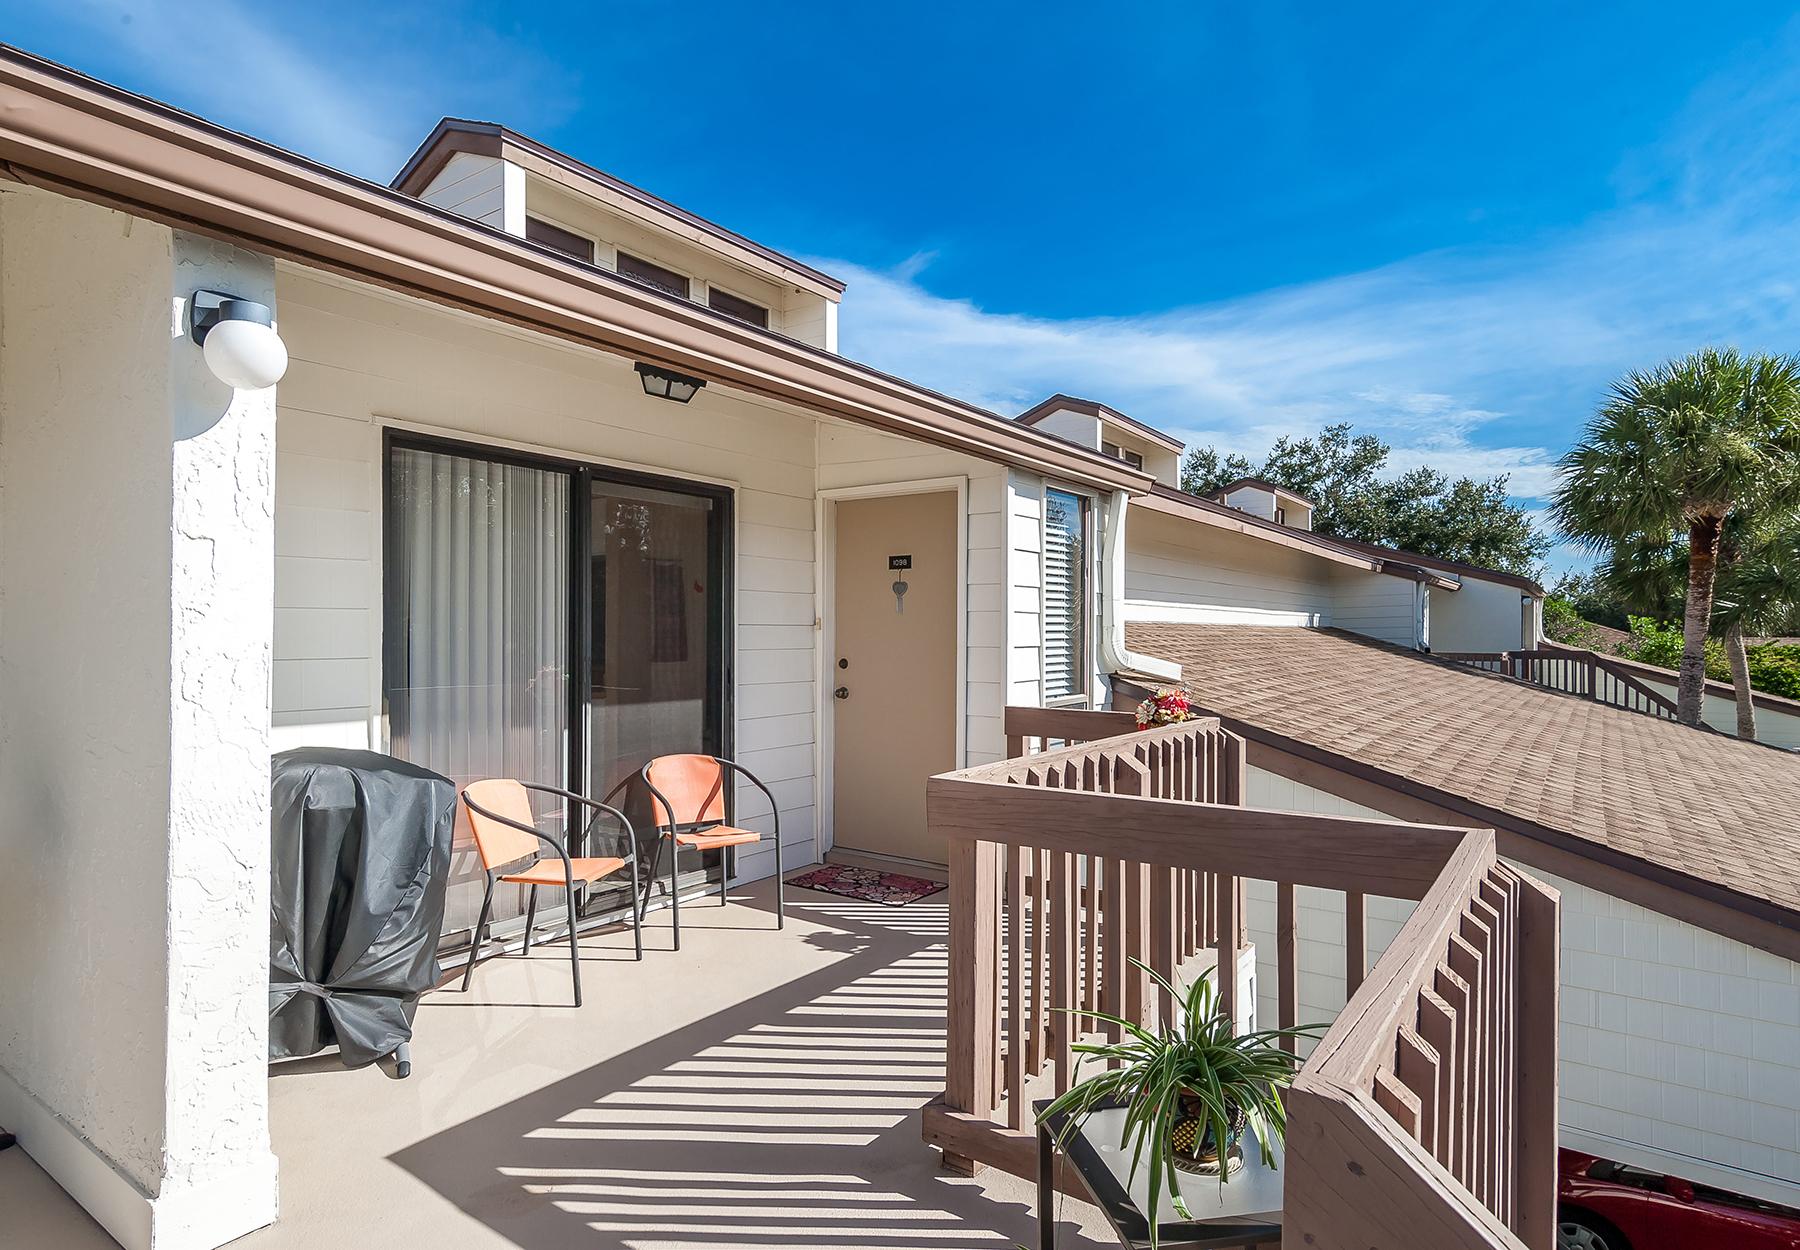 Eigentumswohnung für Verkauf beim BIRD BAY 1098 Bird Bay Way 312 Venice, Florida, 34285 Vereinigte Staaten